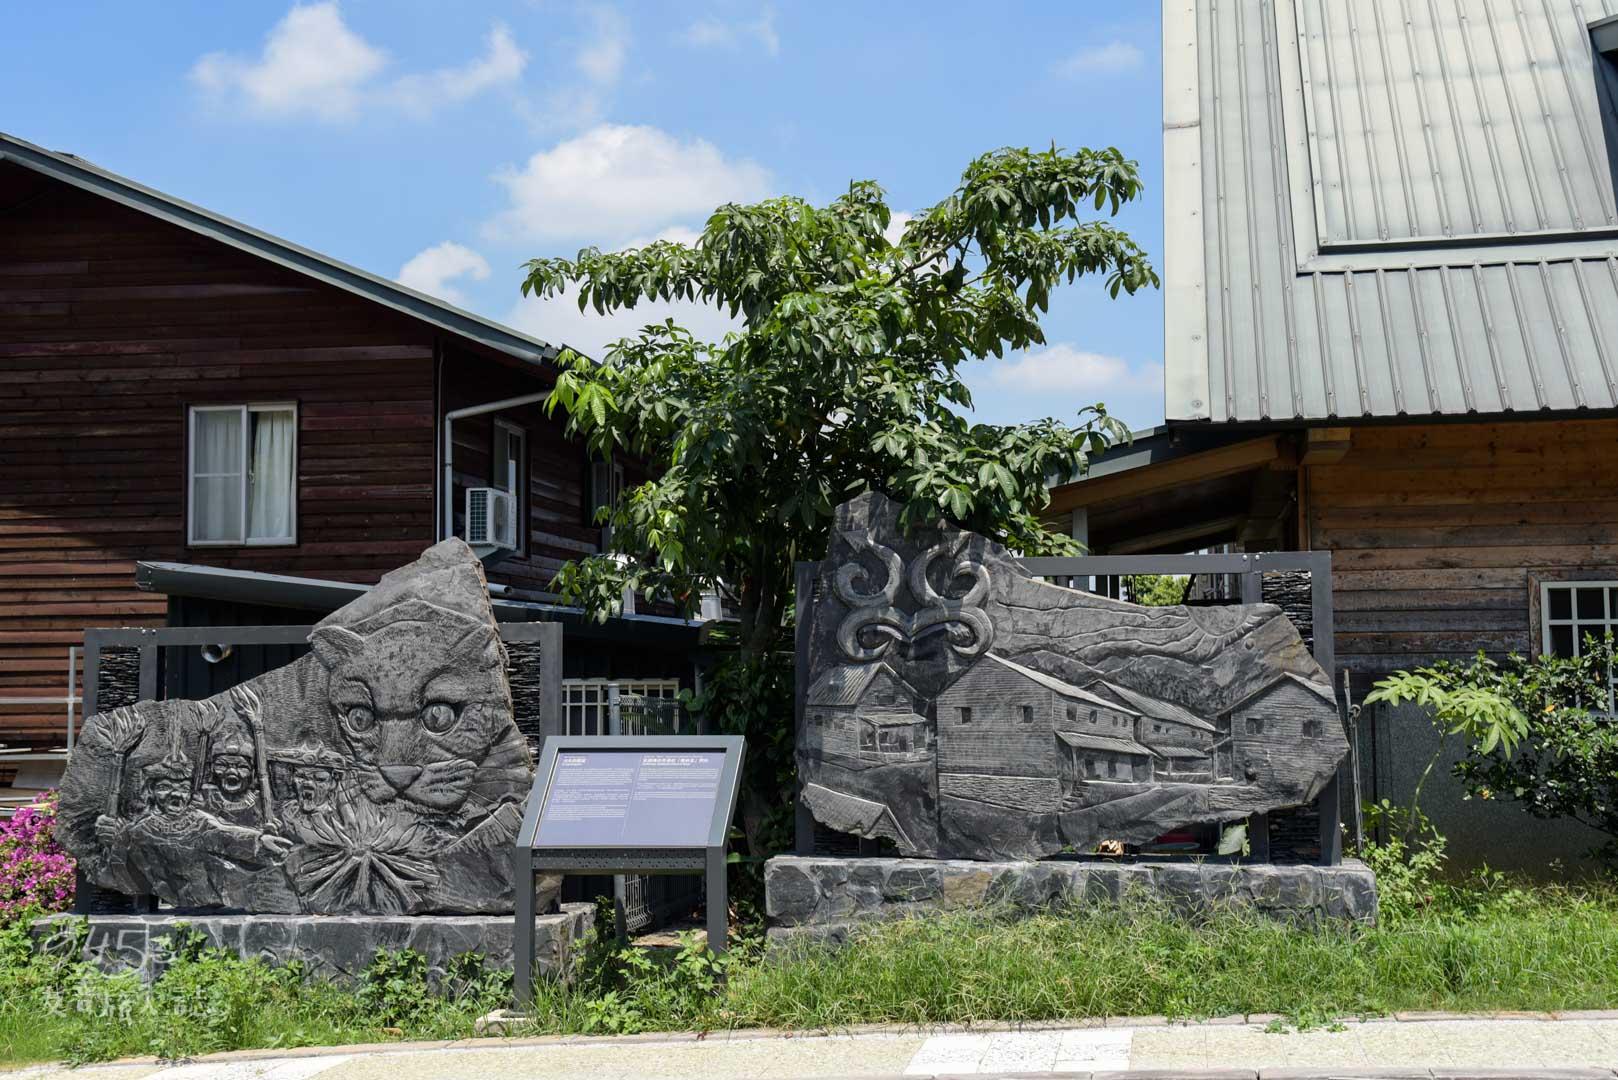 街道旁藝術家雕刻出的藝術作品